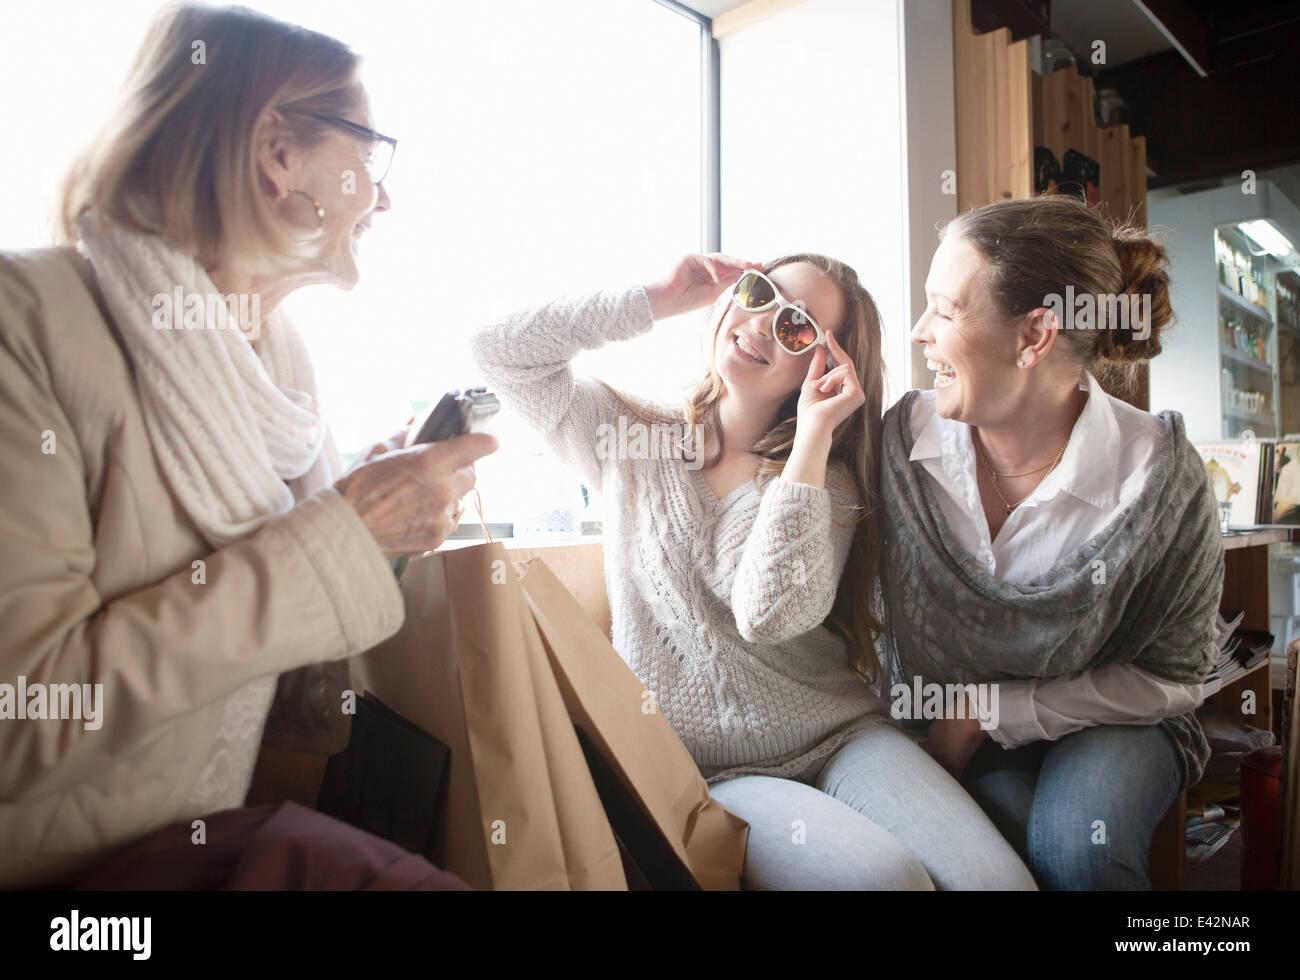 Trois femelles de la génération d'essayer sur des lunettes de soleil dans shop Photo Stock